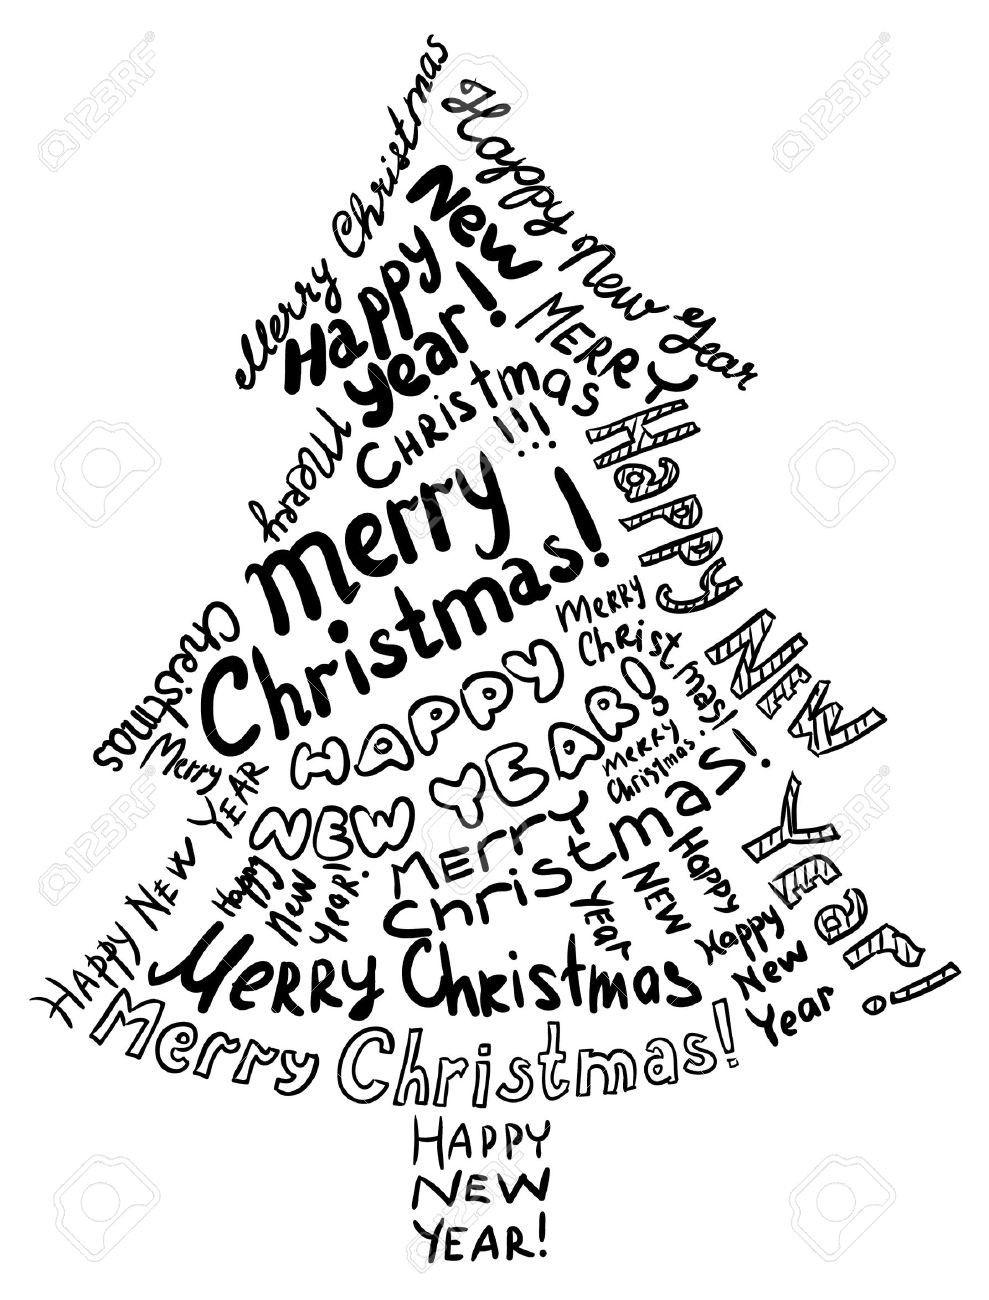 Pin Von Hanneke Westra Auf Algemeen Onderwijs Weihnachten Schattenbilder Weihnachtsbaum Silhouette Weihnachtsbaum